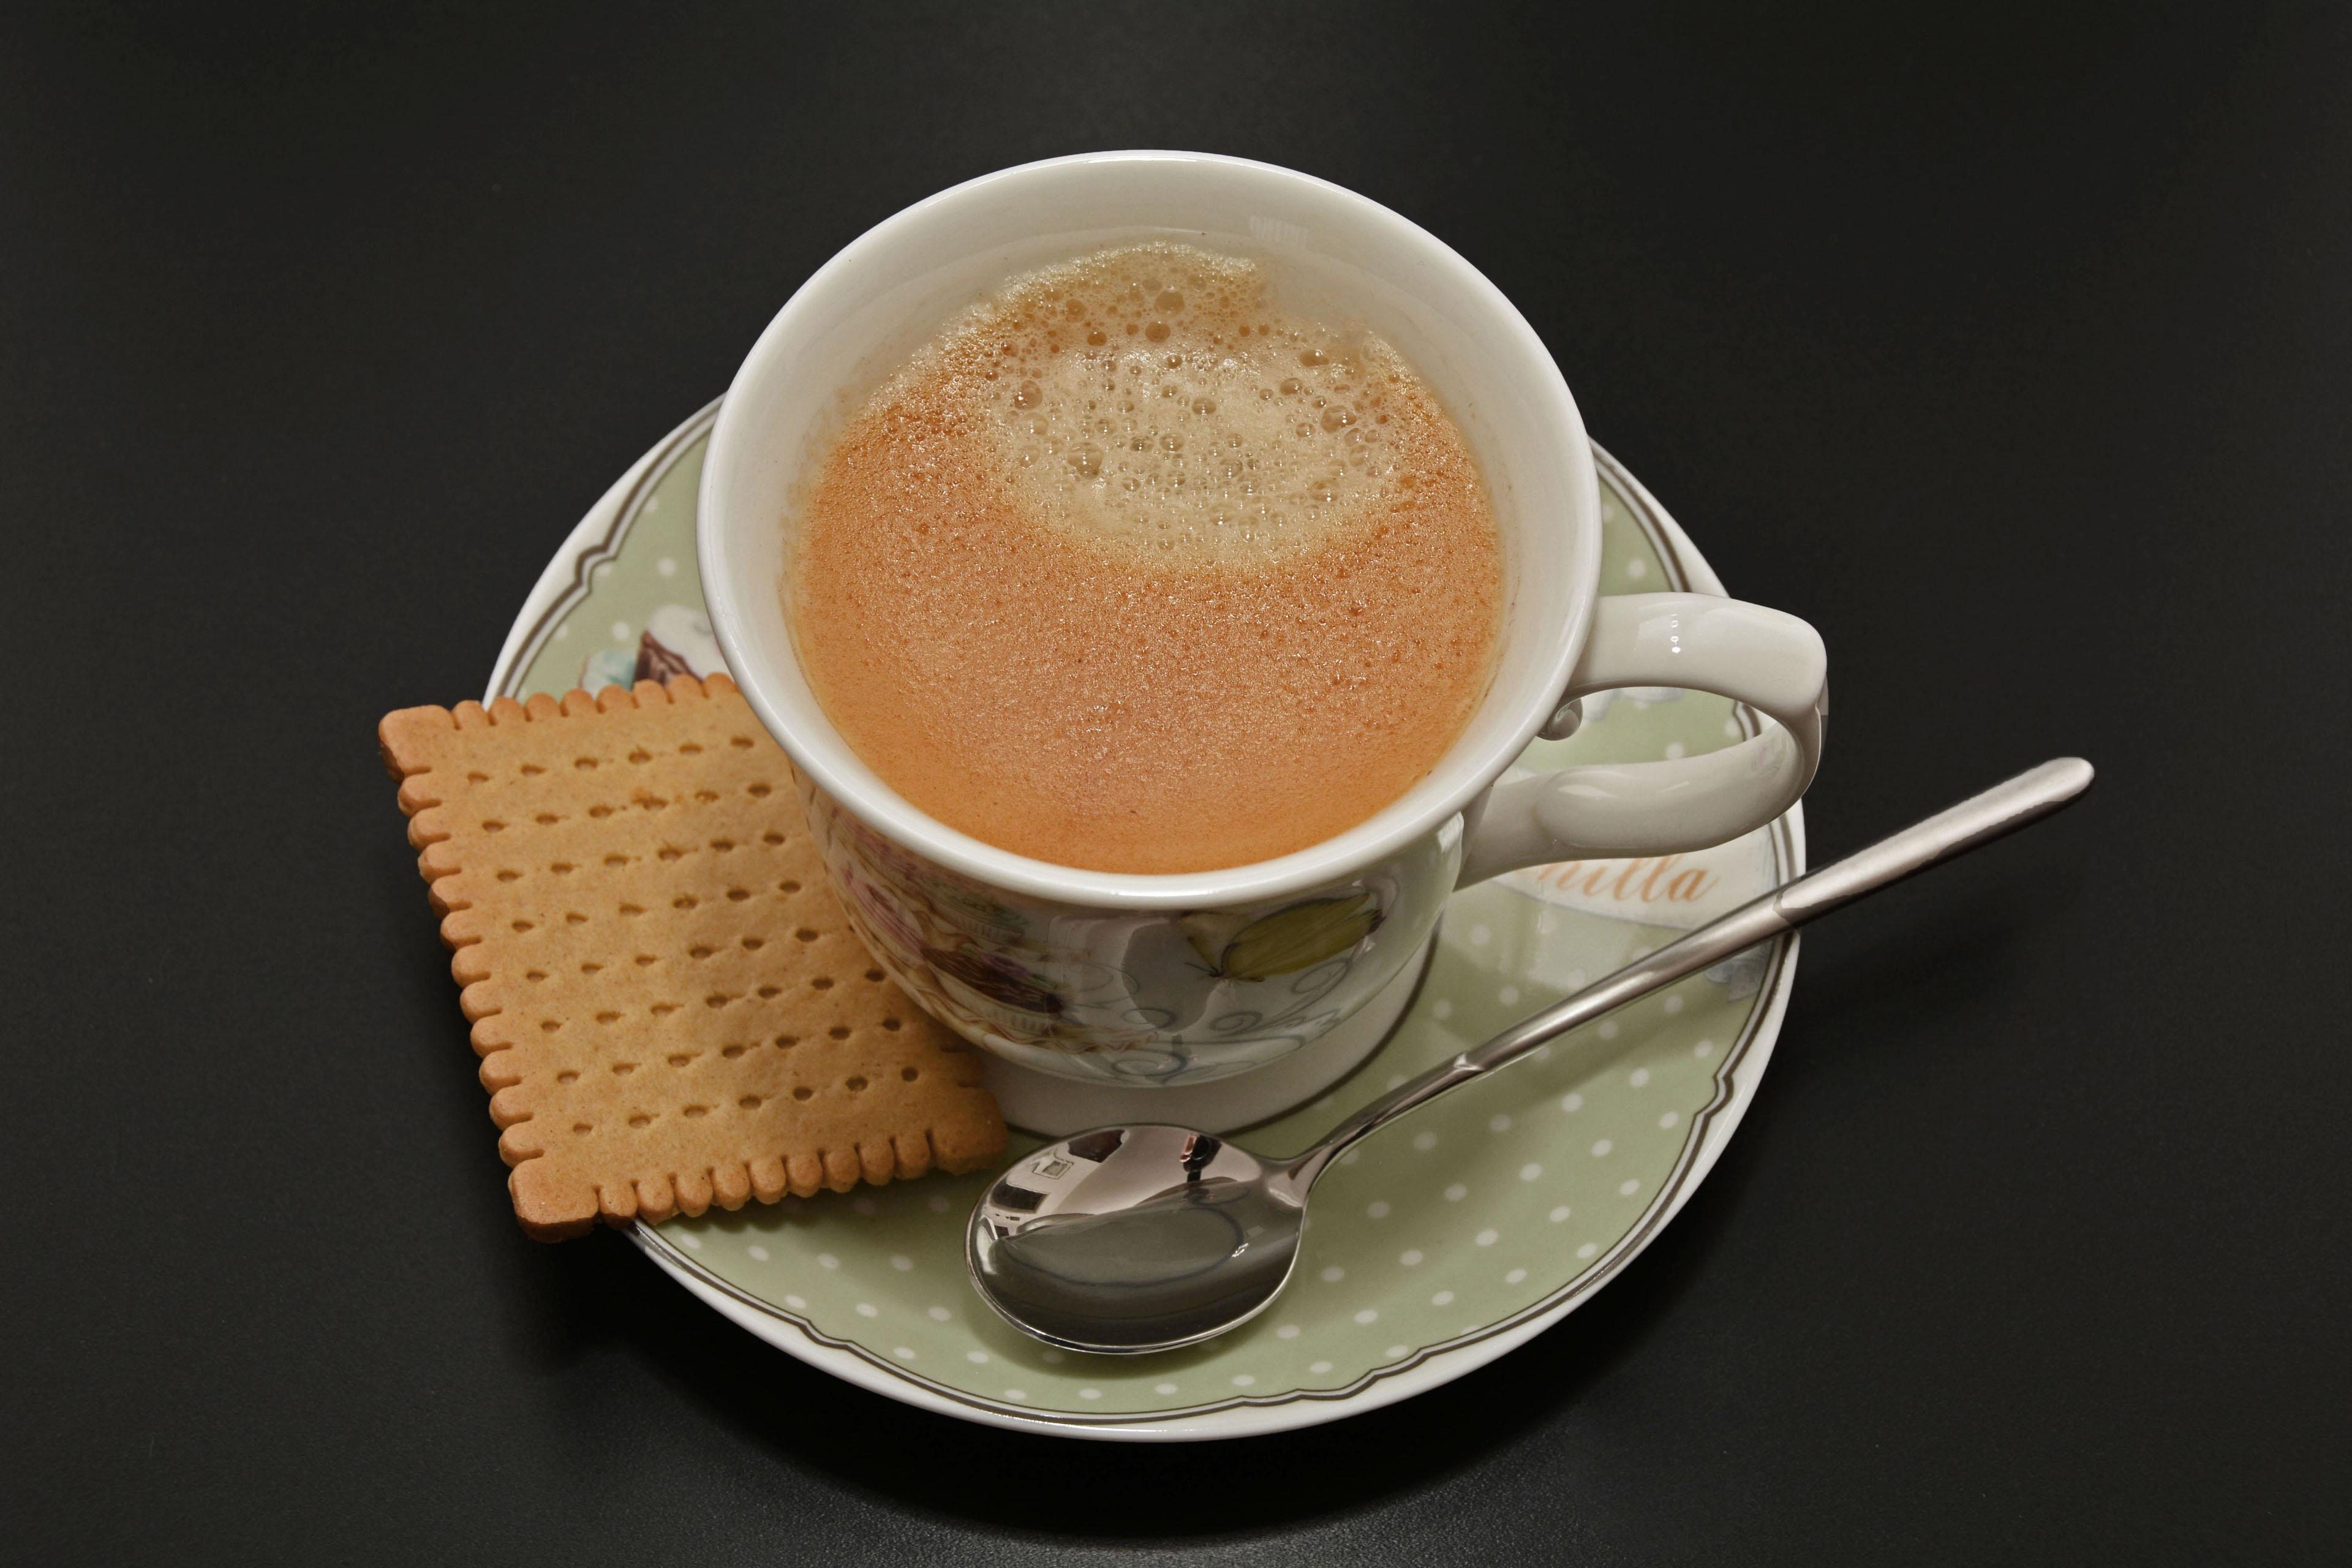 Images Gratuites Coupe Latté Chocolat Chaud Cappuccino